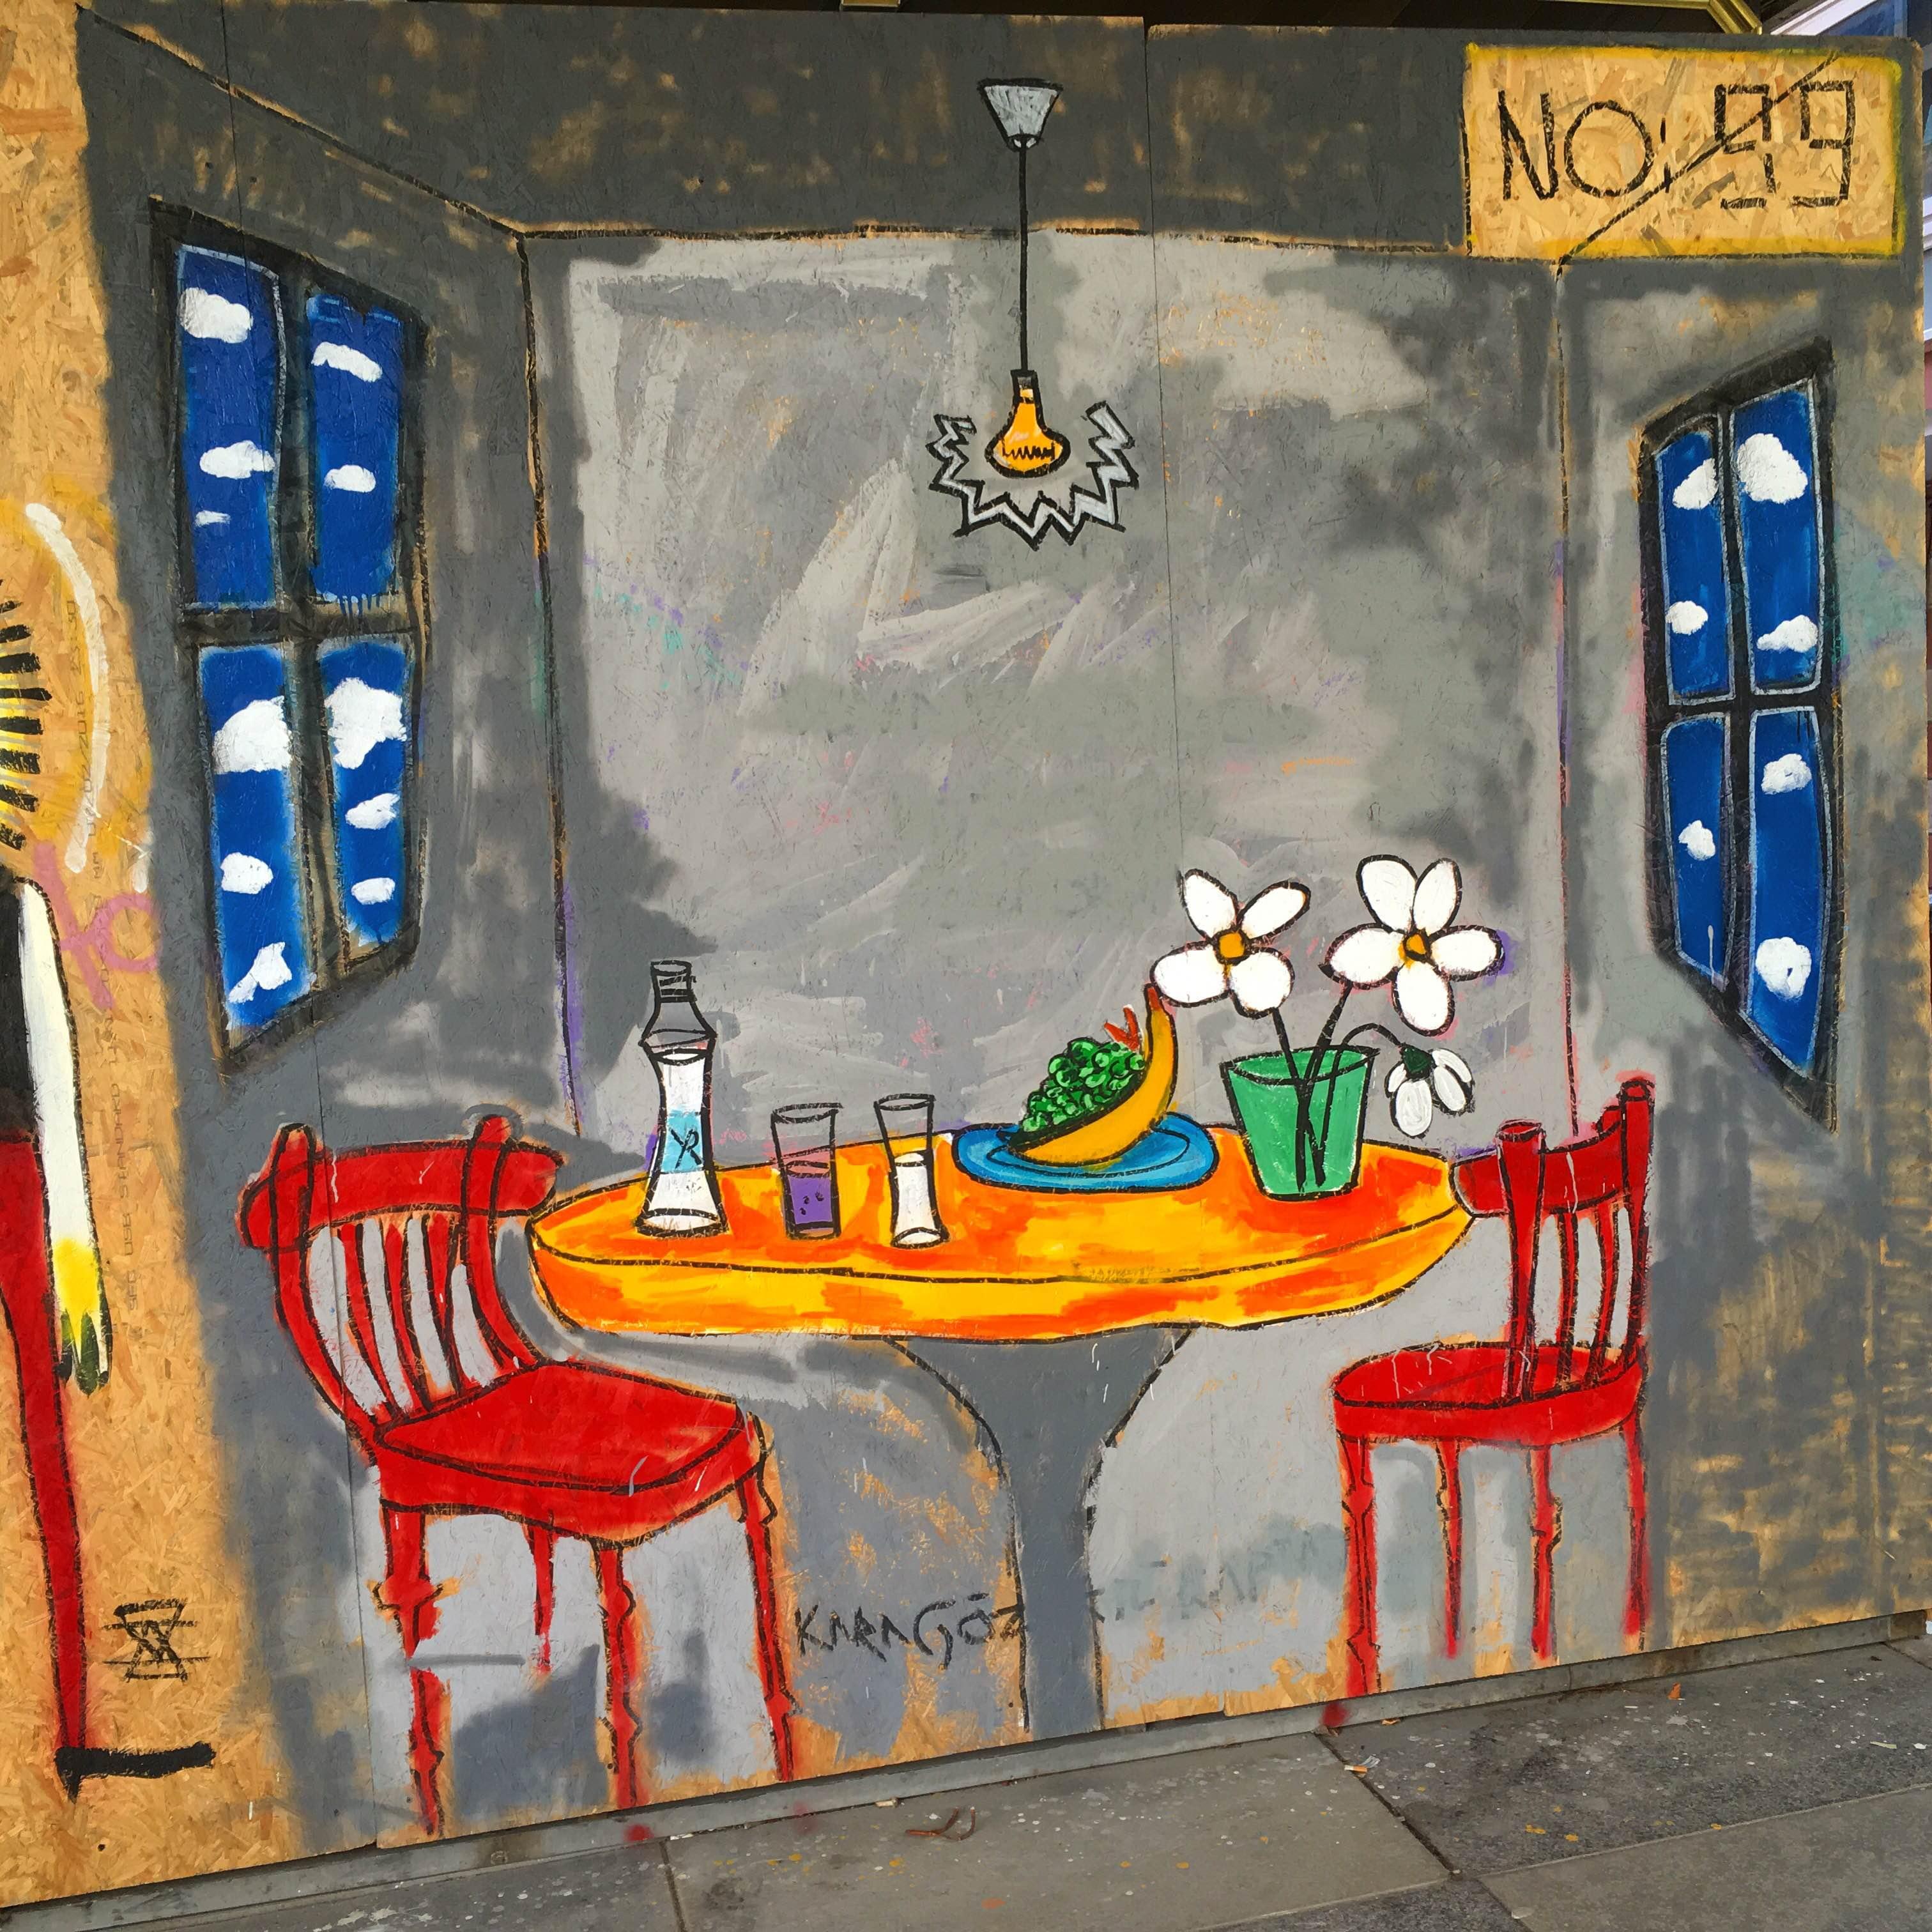 """V pondělí jsem hned ráno vyrazila do města, zabrat místo v kavárně a """"pracovat"""". Měla bych se totiž věnovat převážně psaní diplomky, která bude o Turecku a proto bych měla čas tady strávený využít ke sbírání materiálů. No, tak jsem narazila na hezké pouliční umění a pořídila pár fotek. Diplomka počká."""